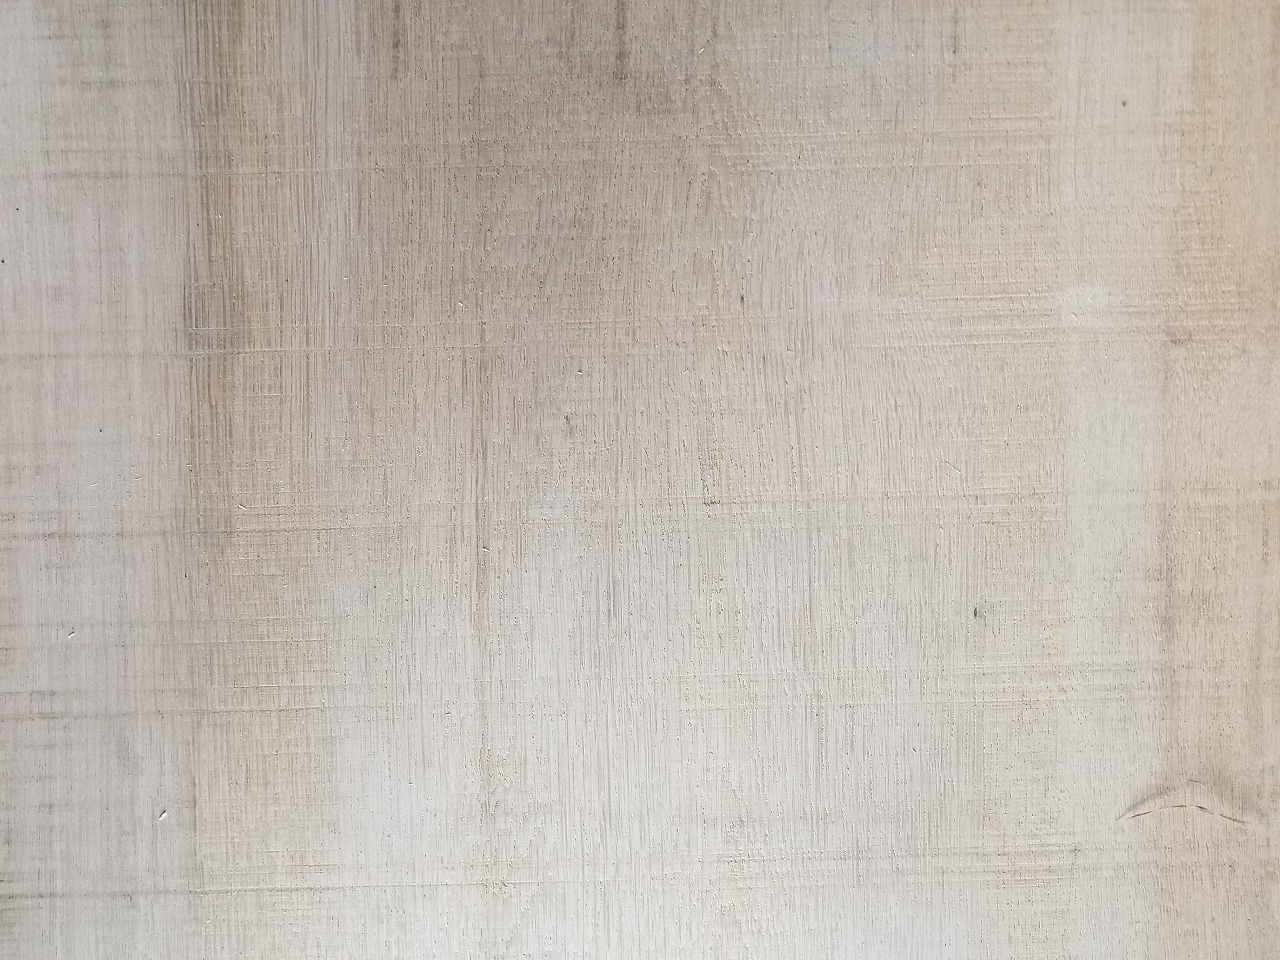 4-007 楢 (ナラ) 一枚板 戸山家具製作所 (海老名市)